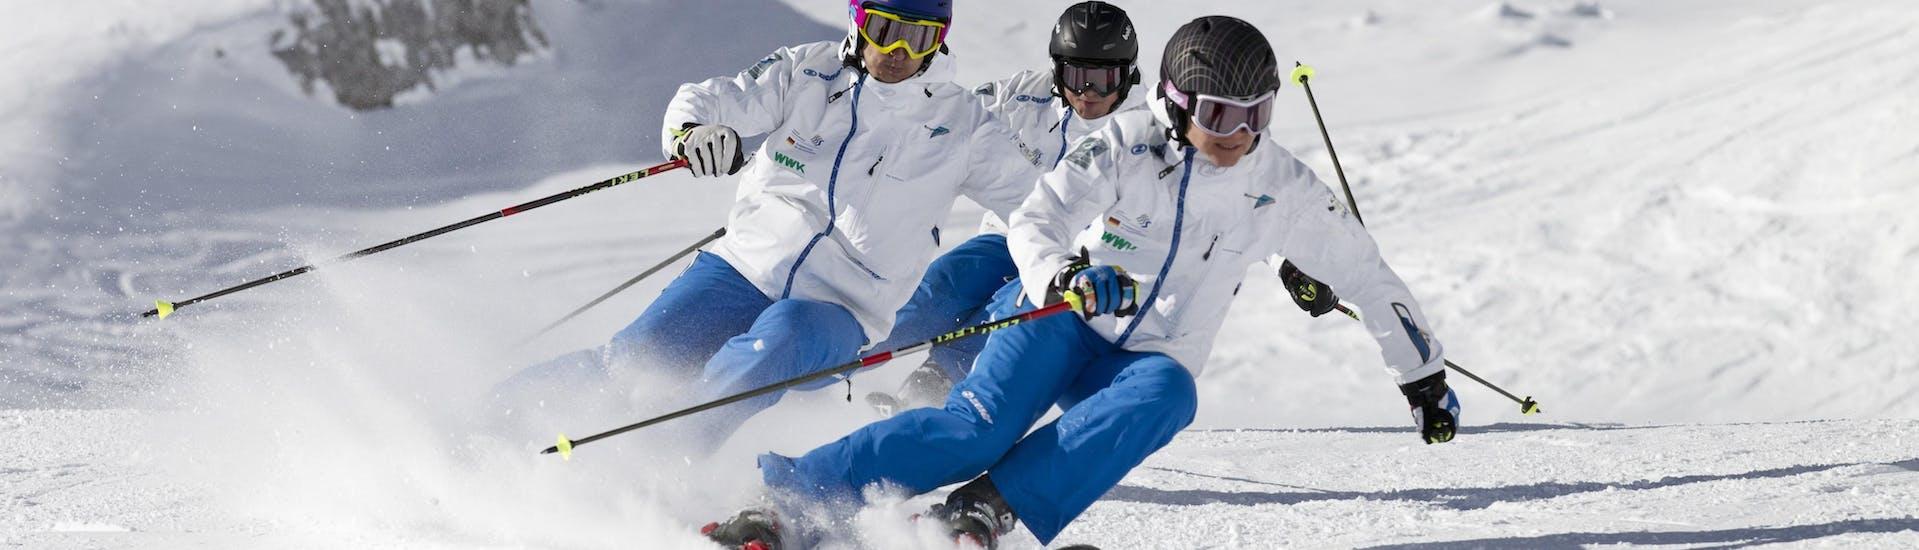 Cours particulier de ski Adultes pour Tous niveaux avec Kristall Schischule - Hero image